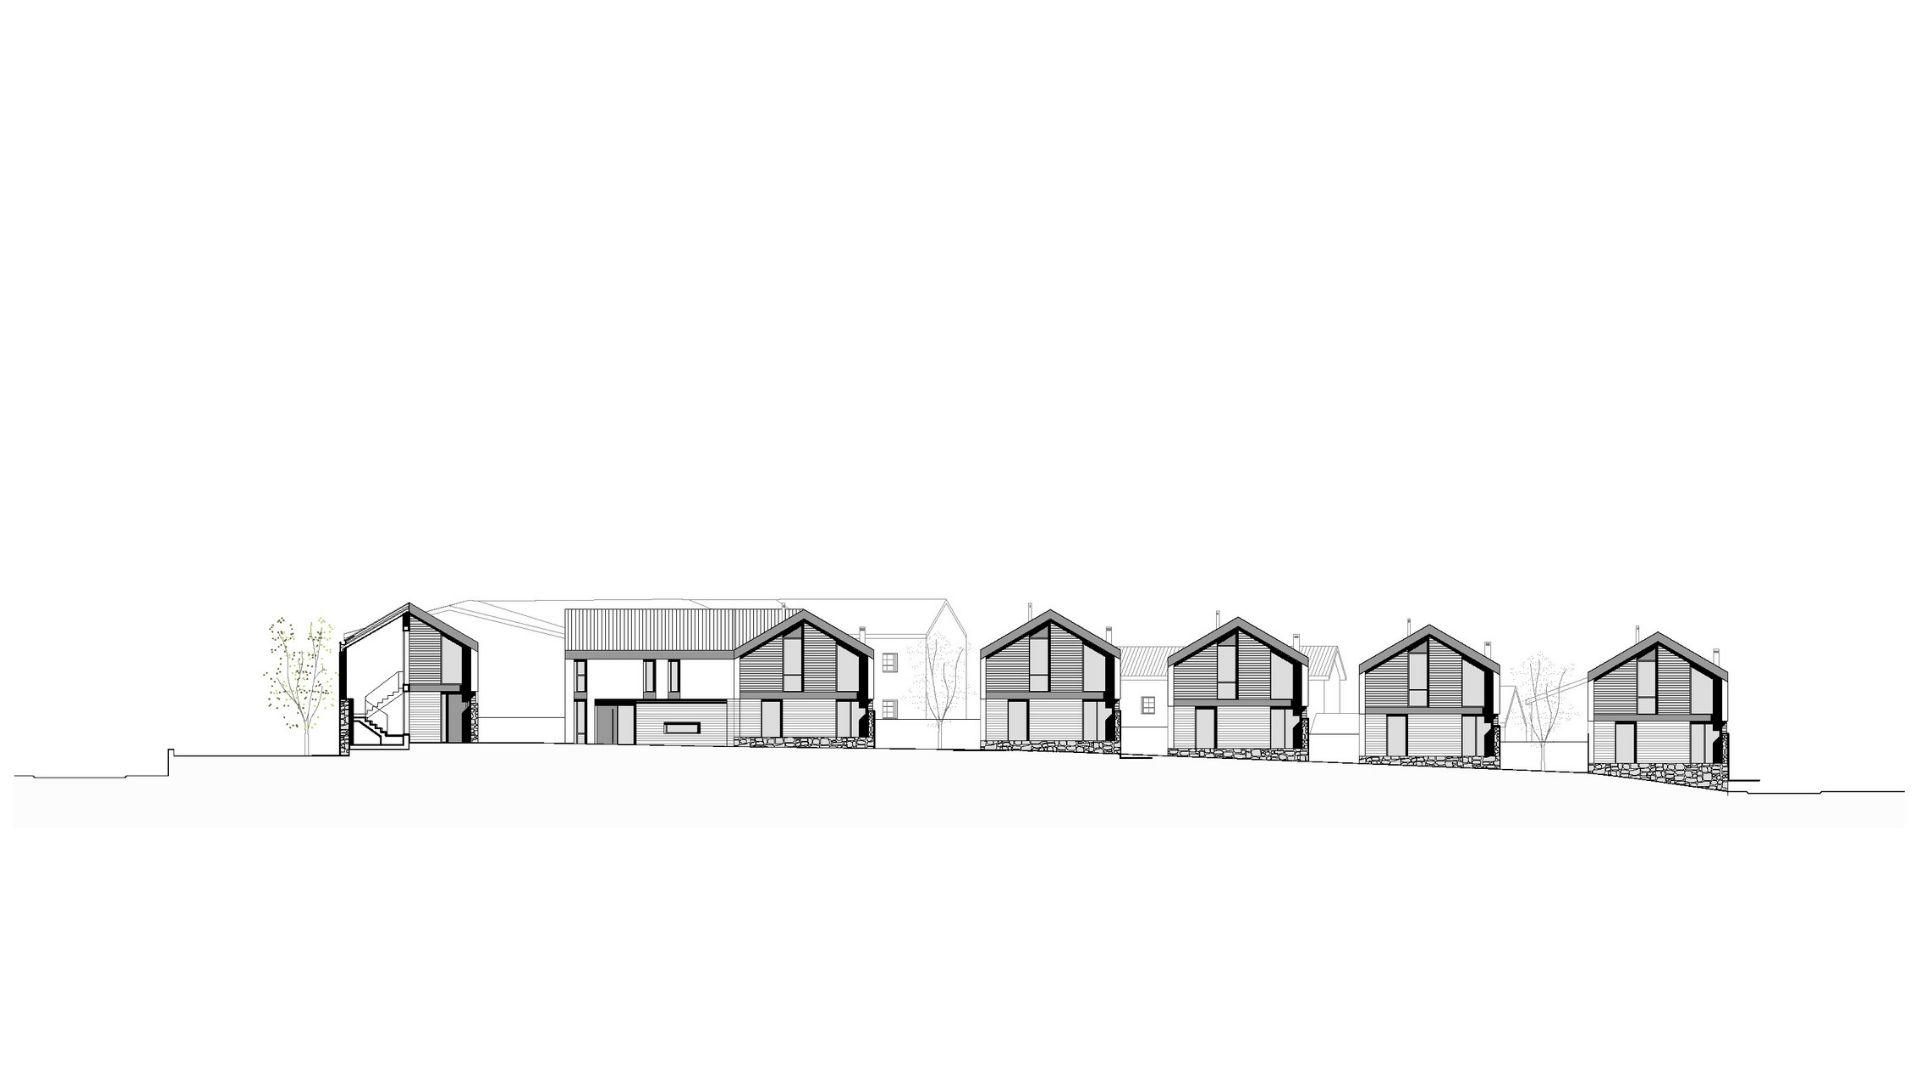 Alzado, 9 viviendas unifamiliares aisladas + rehabilitación de una vivienda unifamiliar. Un proyecto del estudio de arquitectura FH2L Arquitectos en Navacerrada, Madrid